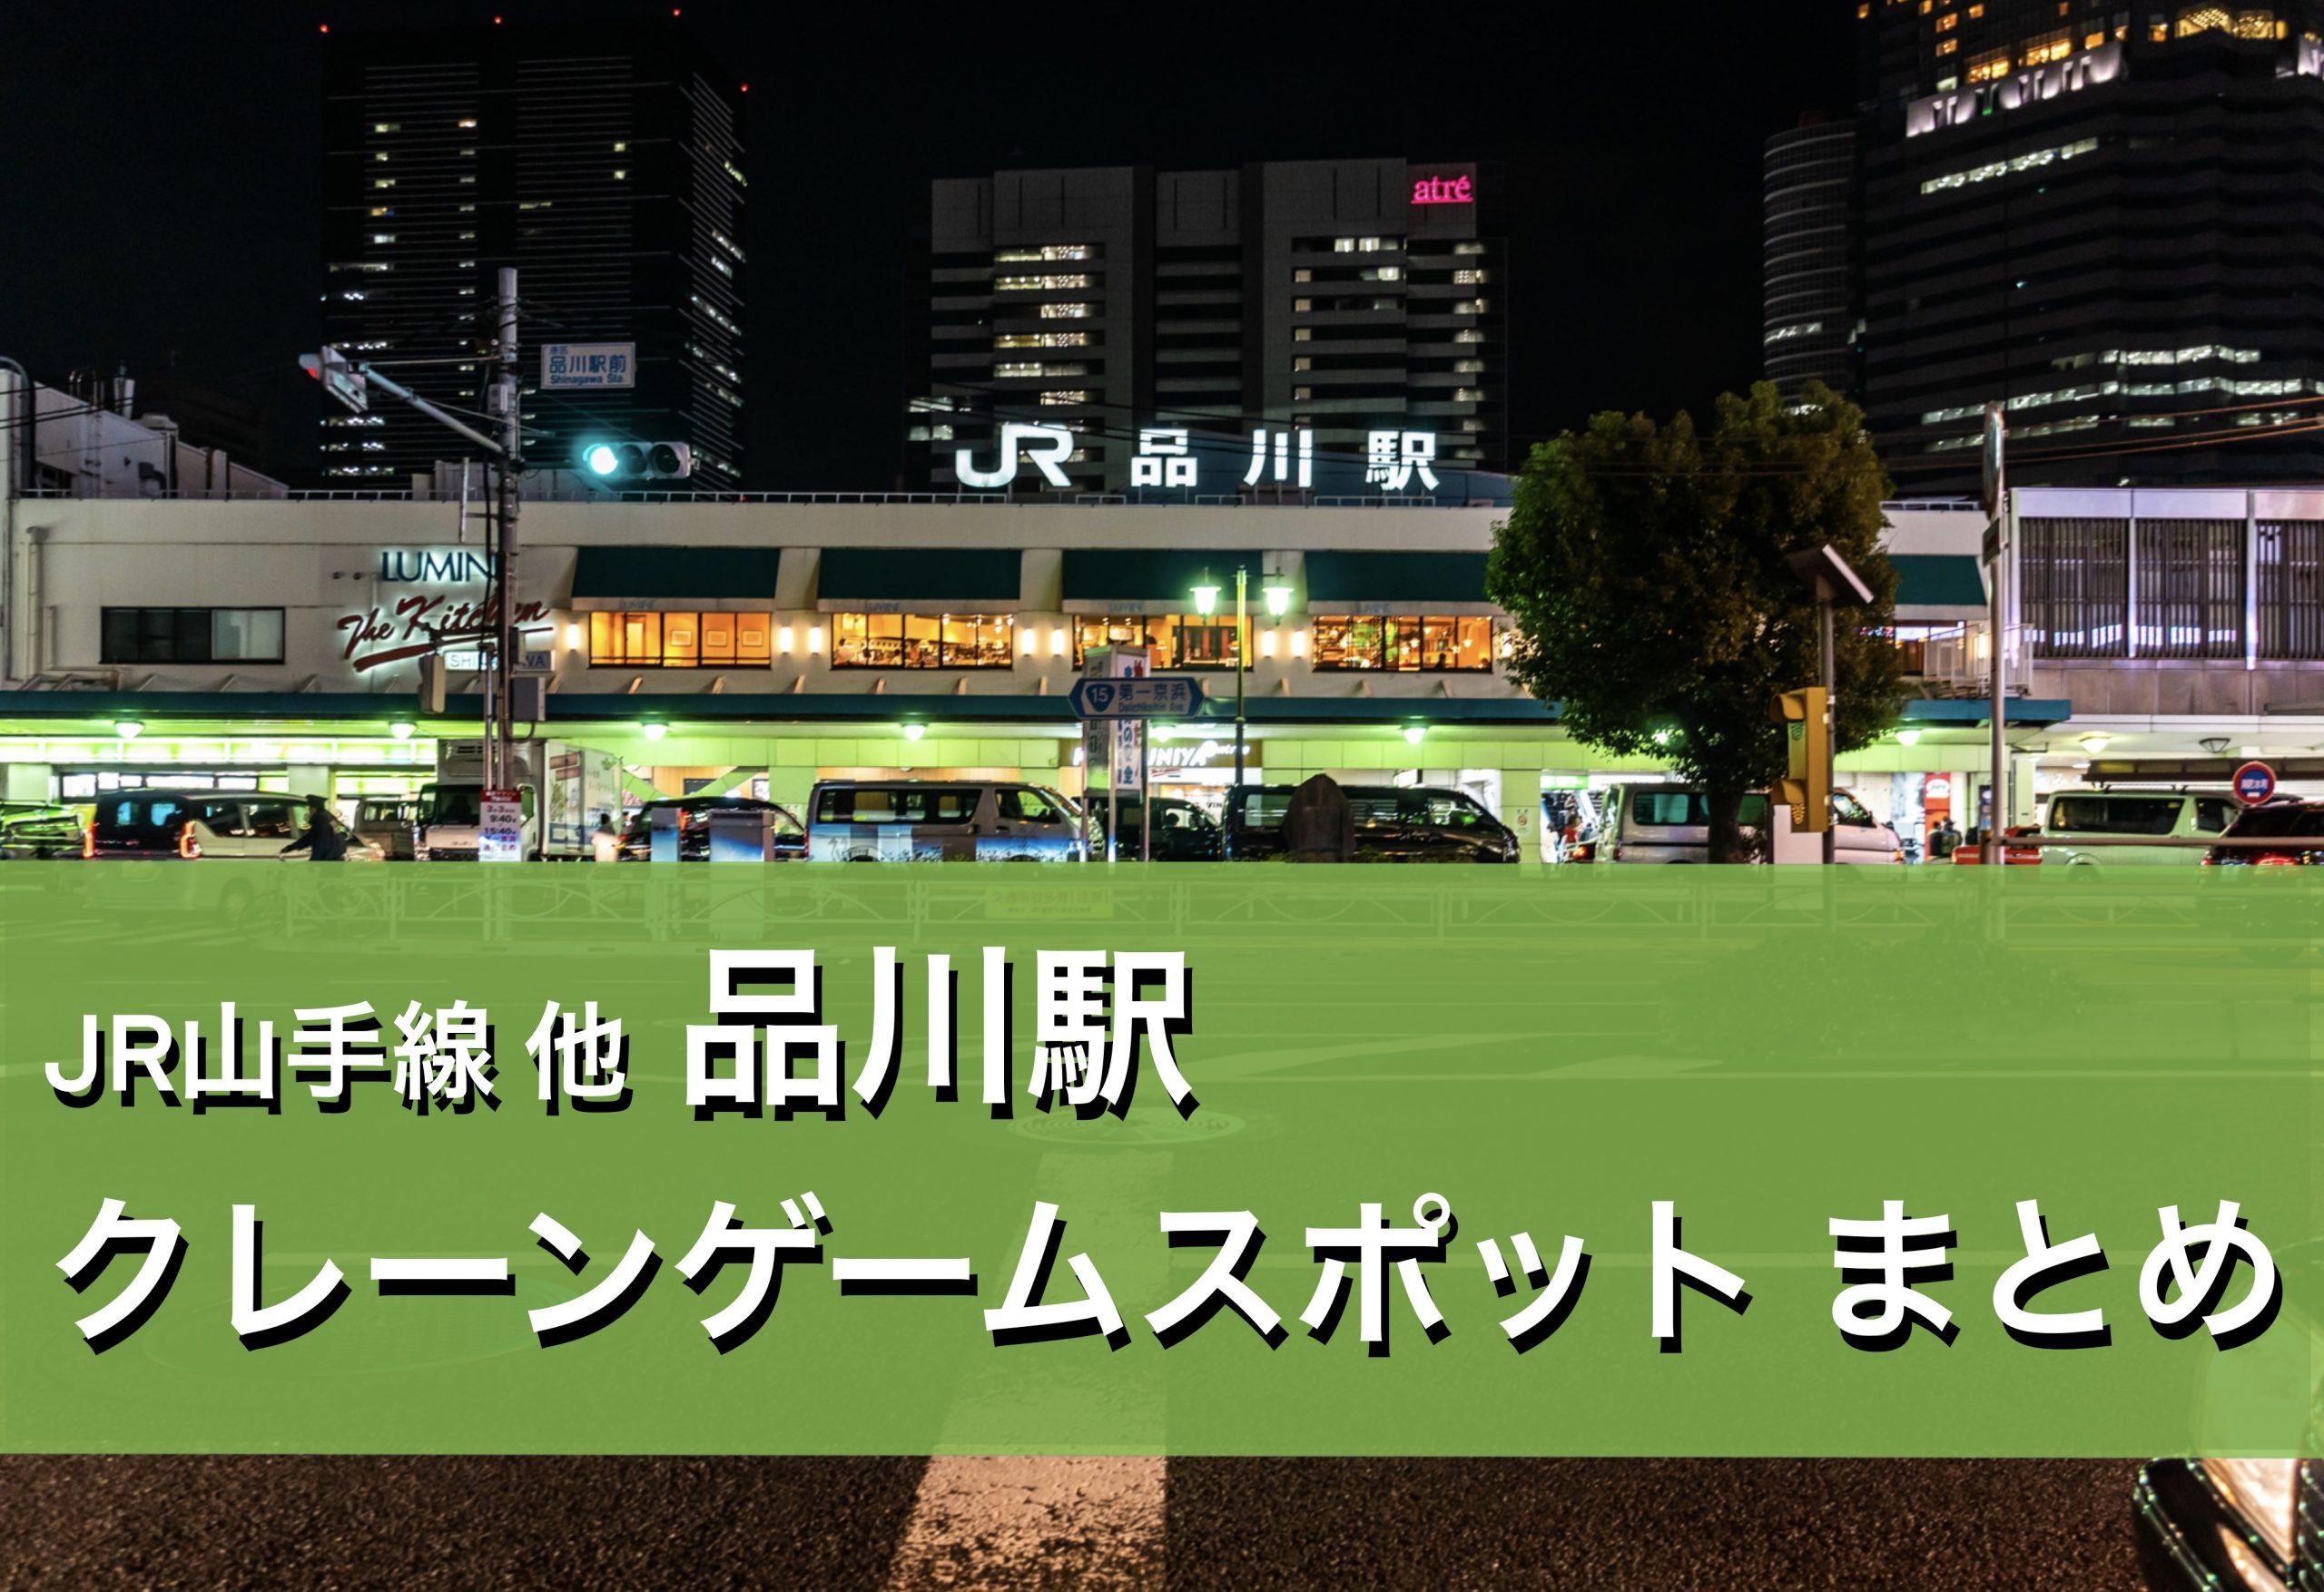 【品川駅】クレーンゲームができる場所